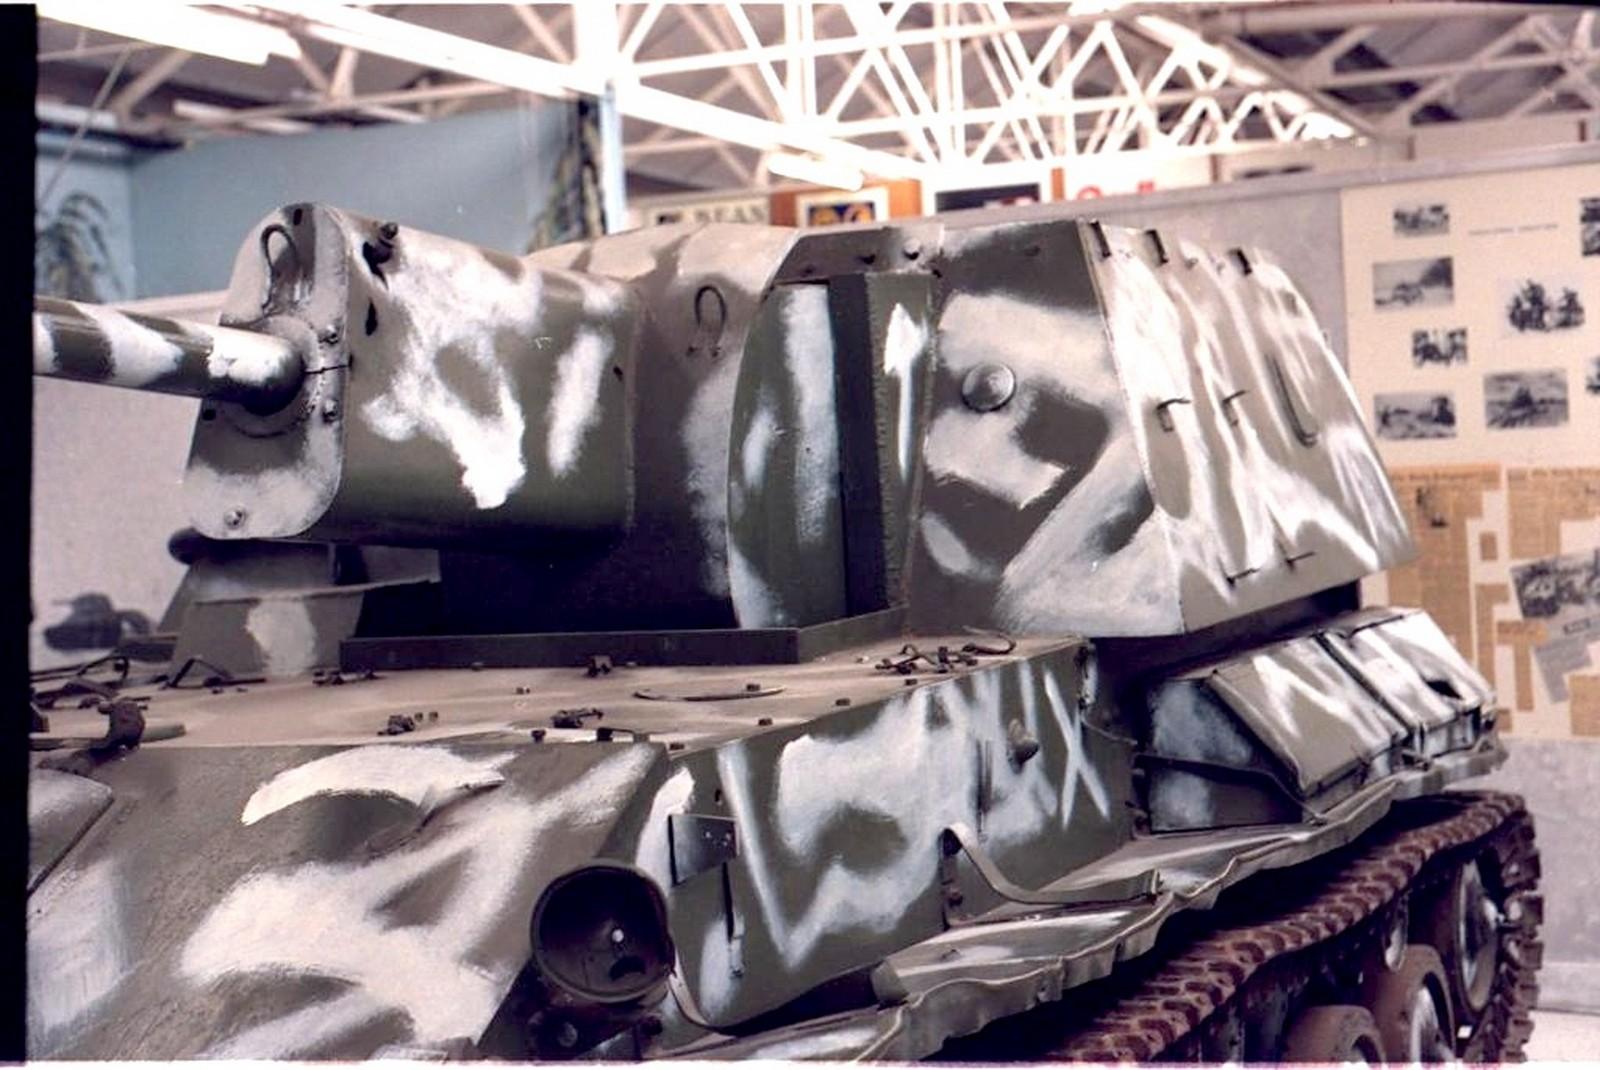 Su-76 76mm